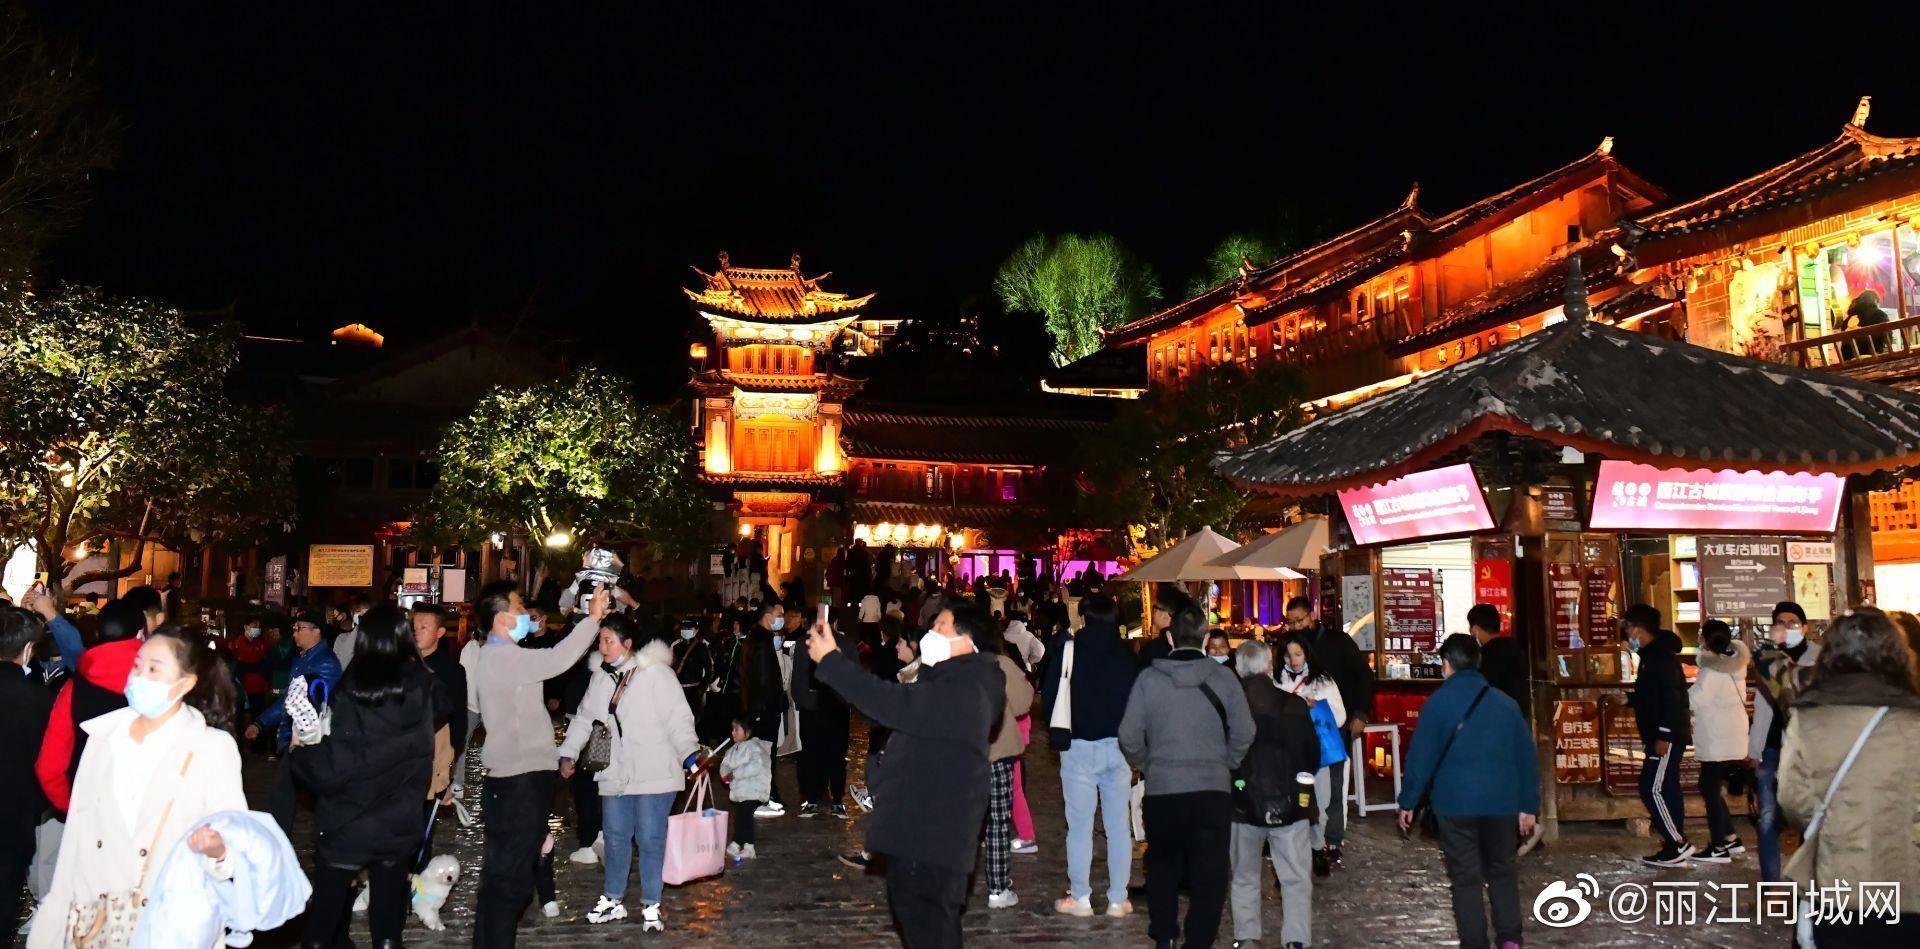 丽江春节假日接待52.04万人次 旅游收入4.44亿元